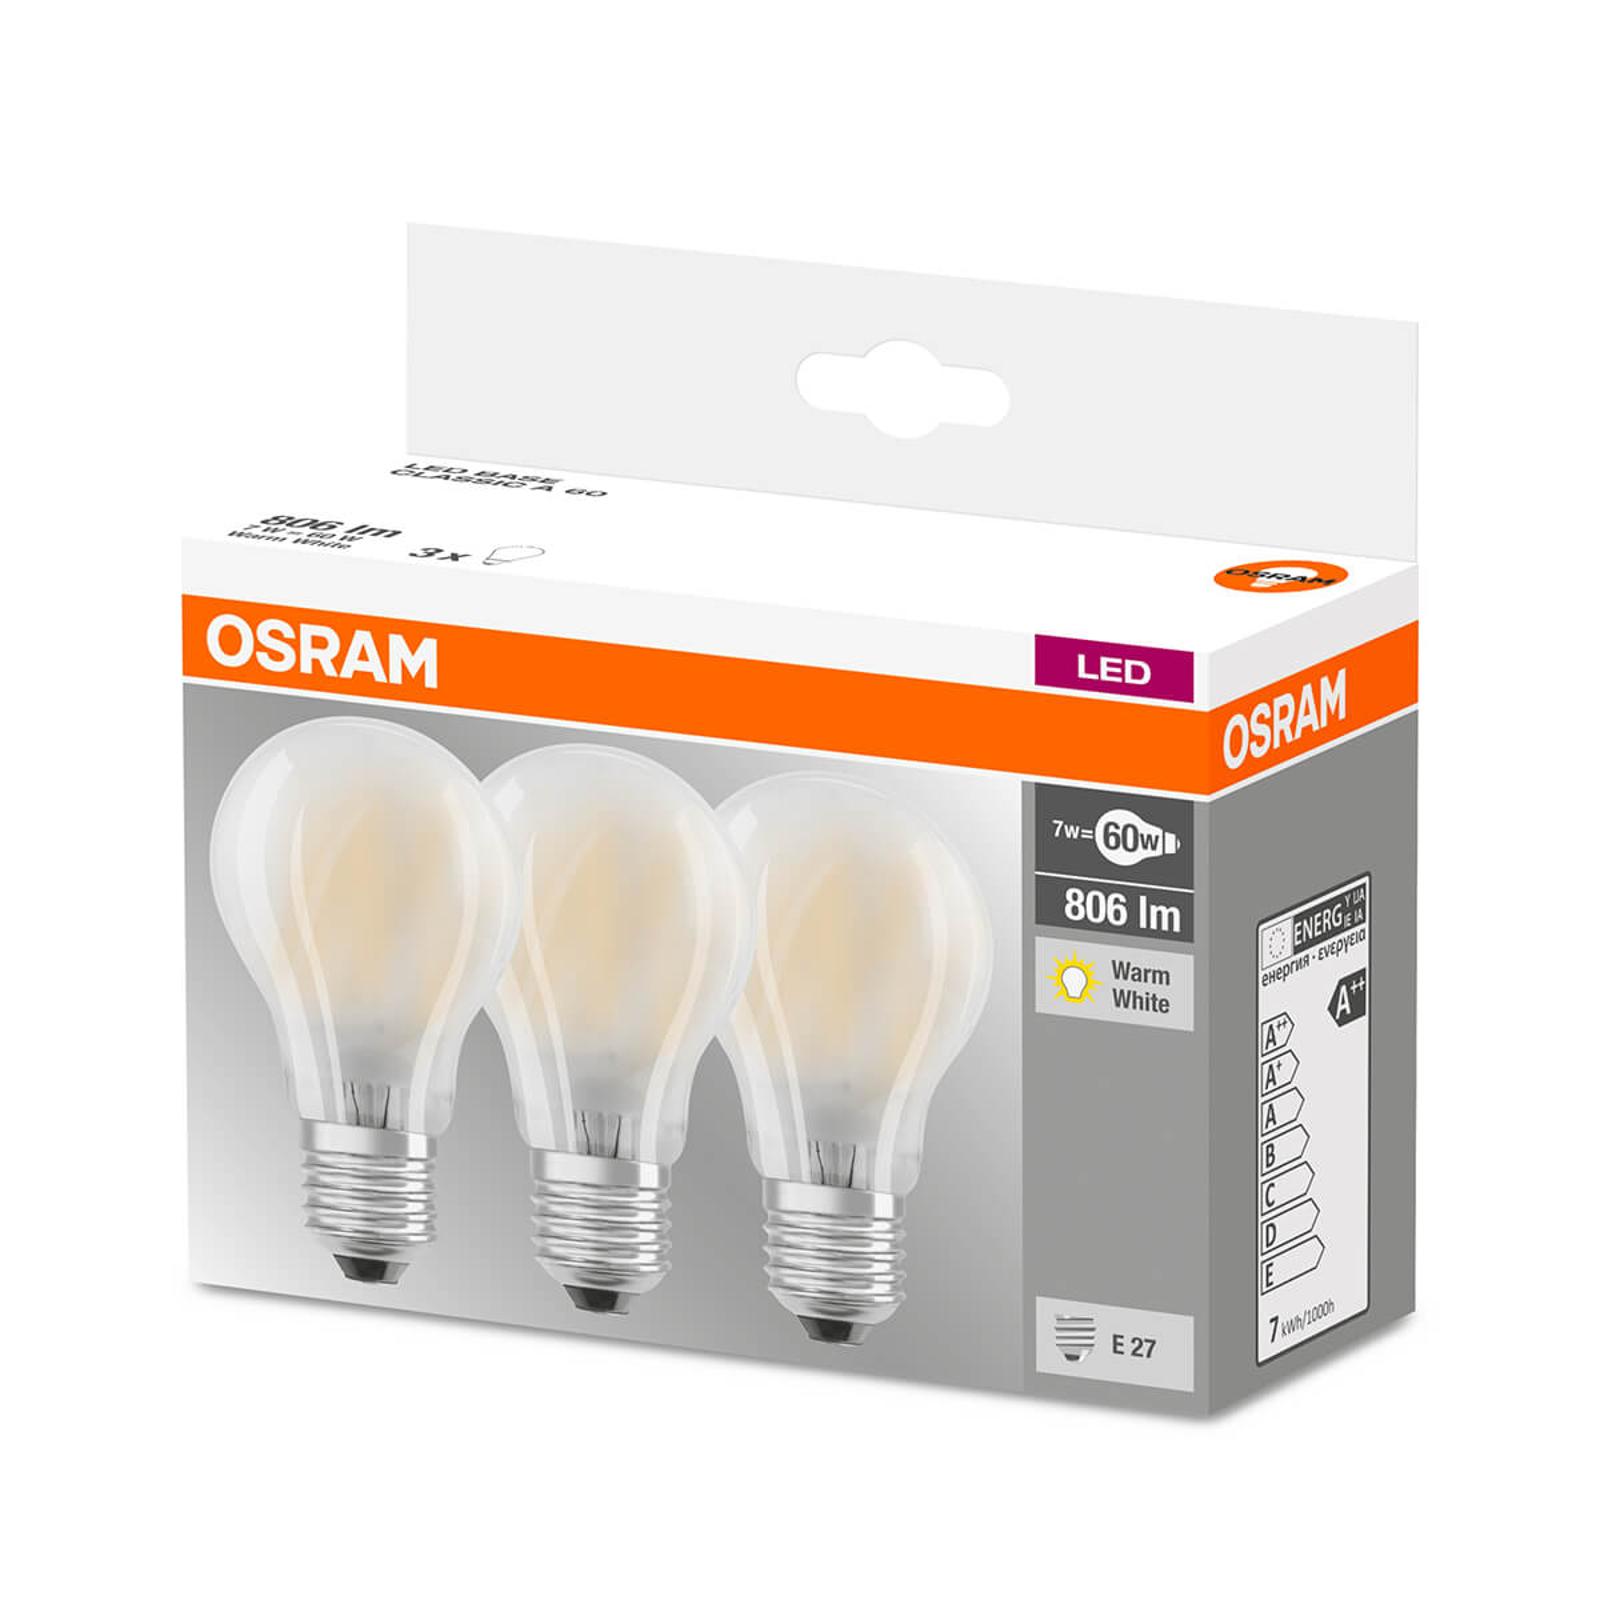 LED-pære E27 7 W,806 lumen, 3-pakk